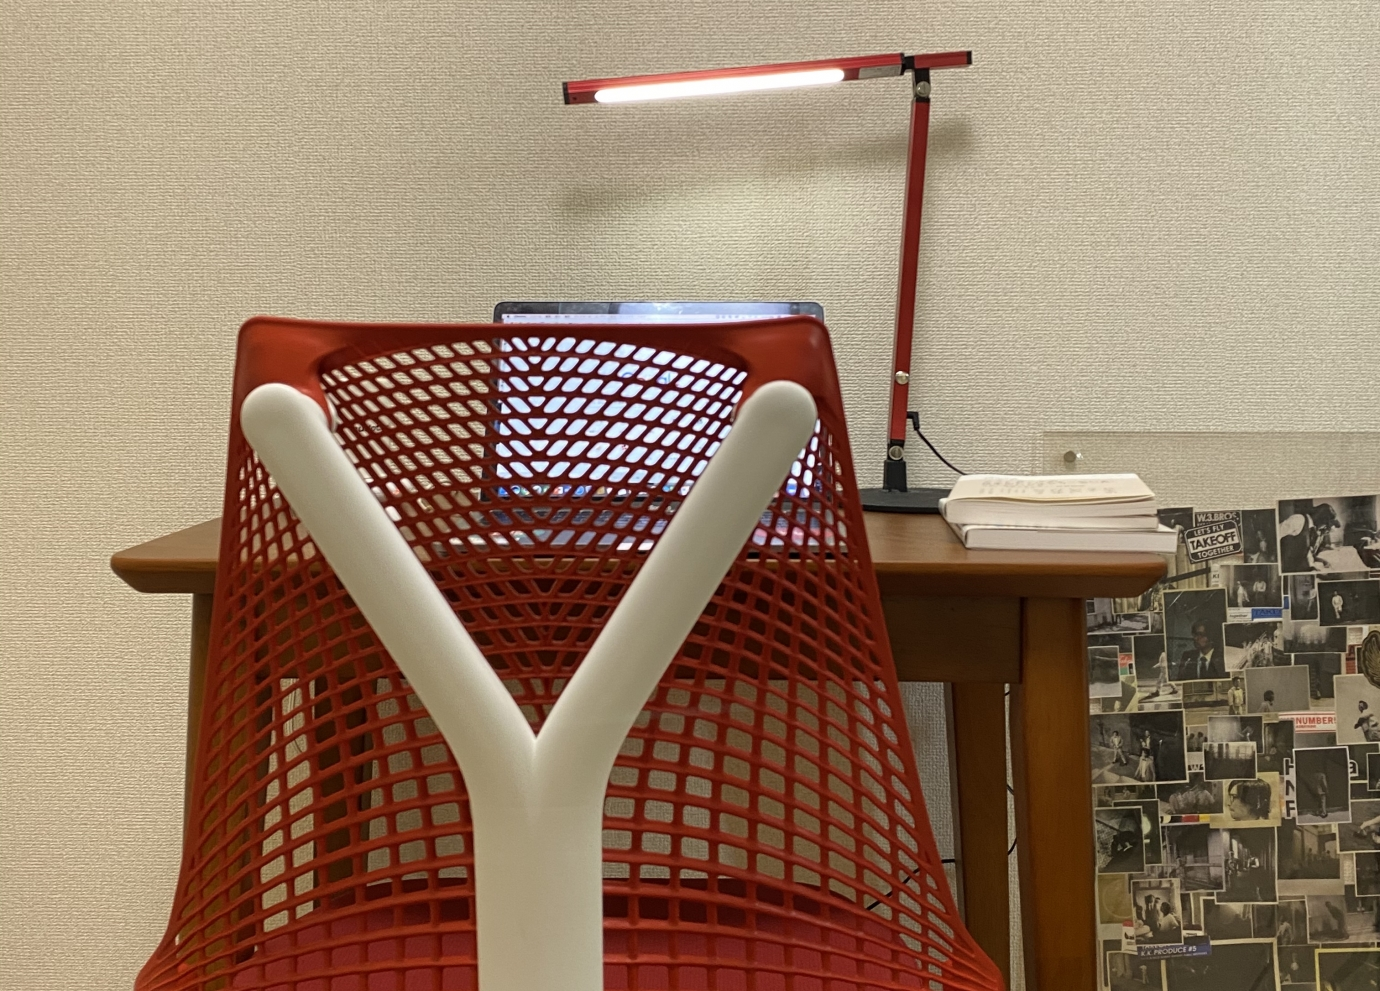 パラナビ岡部・おうち時間・自宅作業環境でセイルチェアを購入